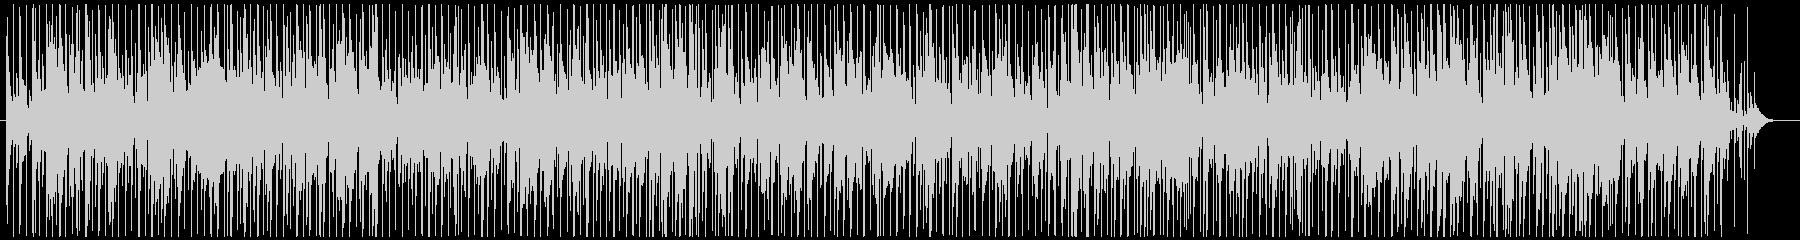 おしゃれなジャズボサノバBGMの未再生の波形